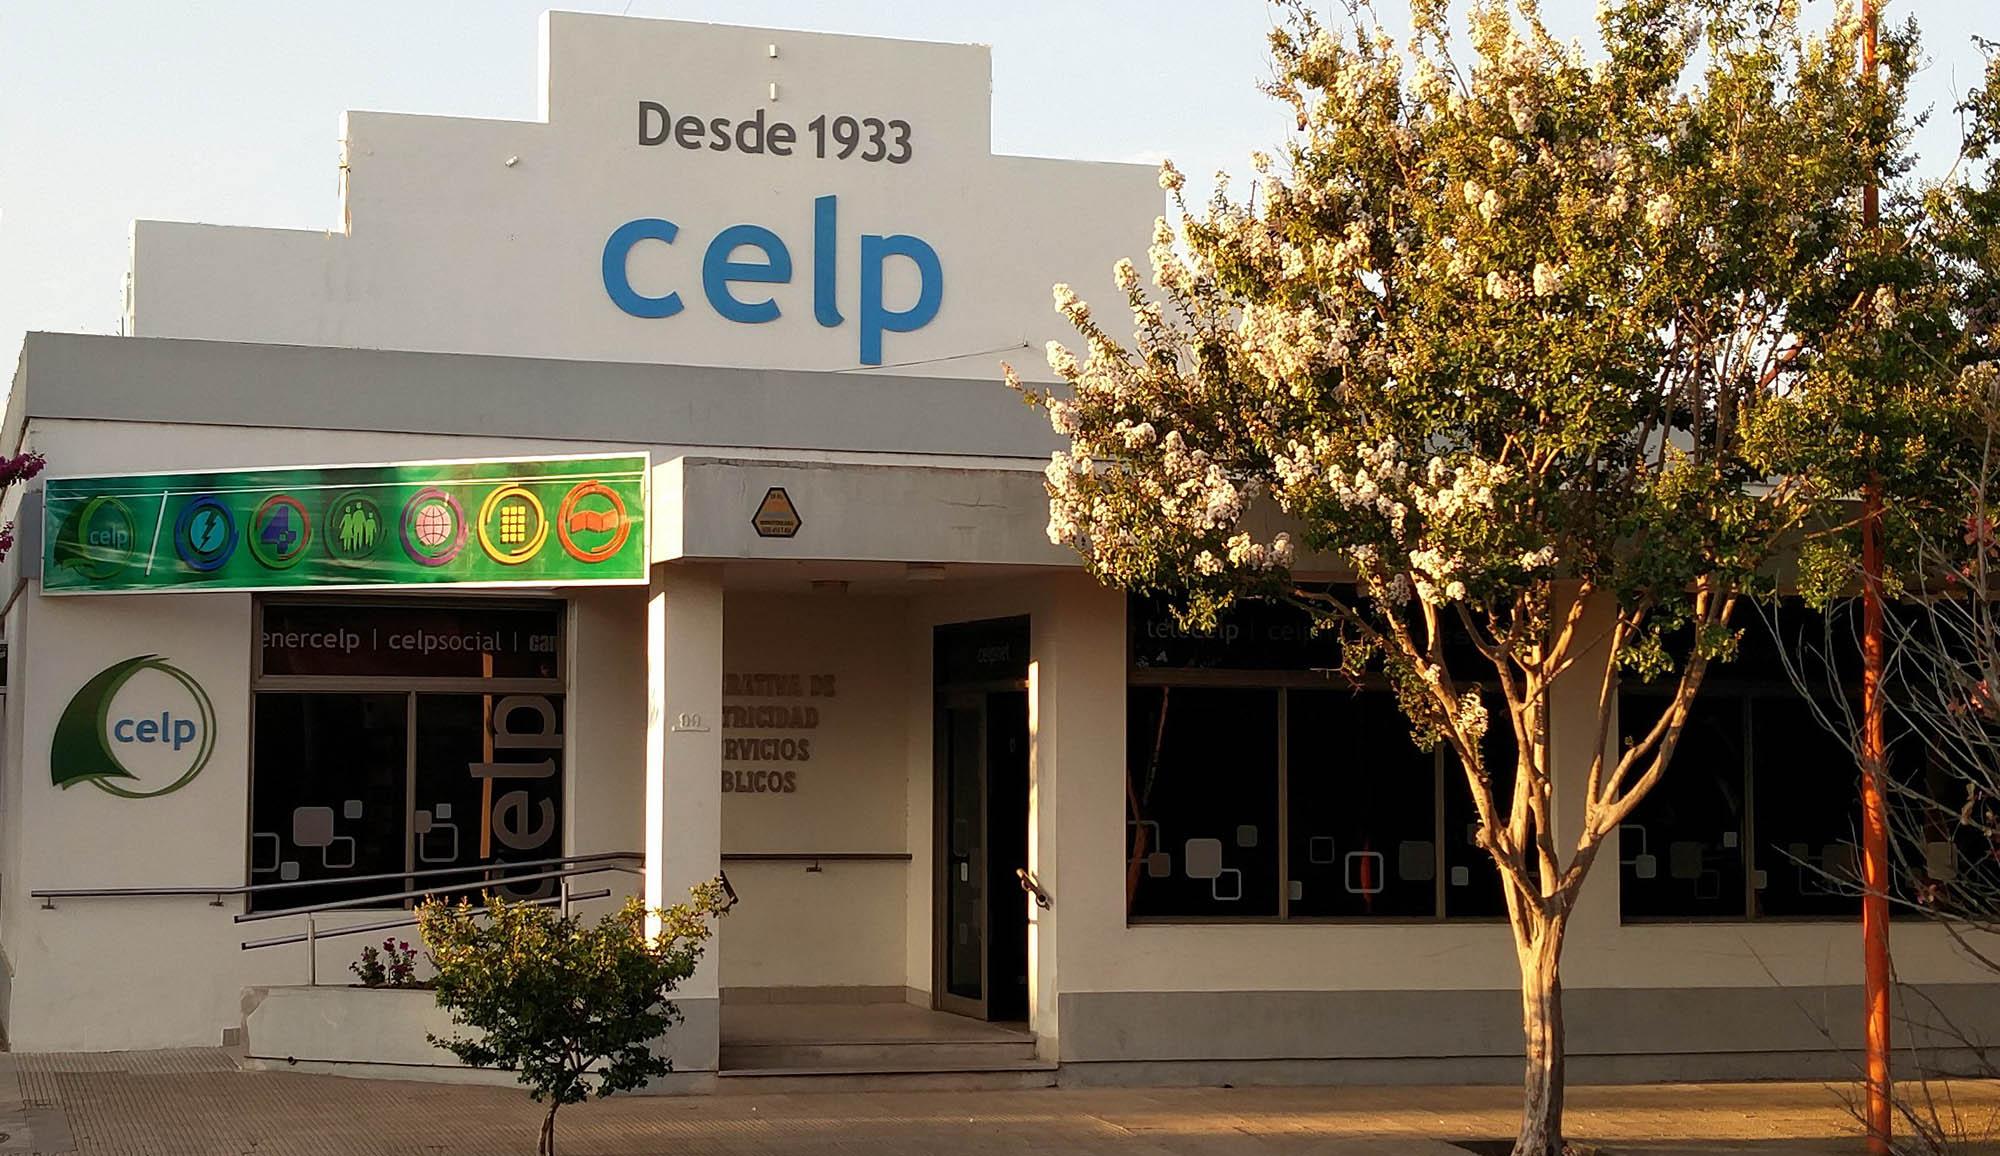 CELP - Cooperativa Eléctrica de Pigüé Ltda.